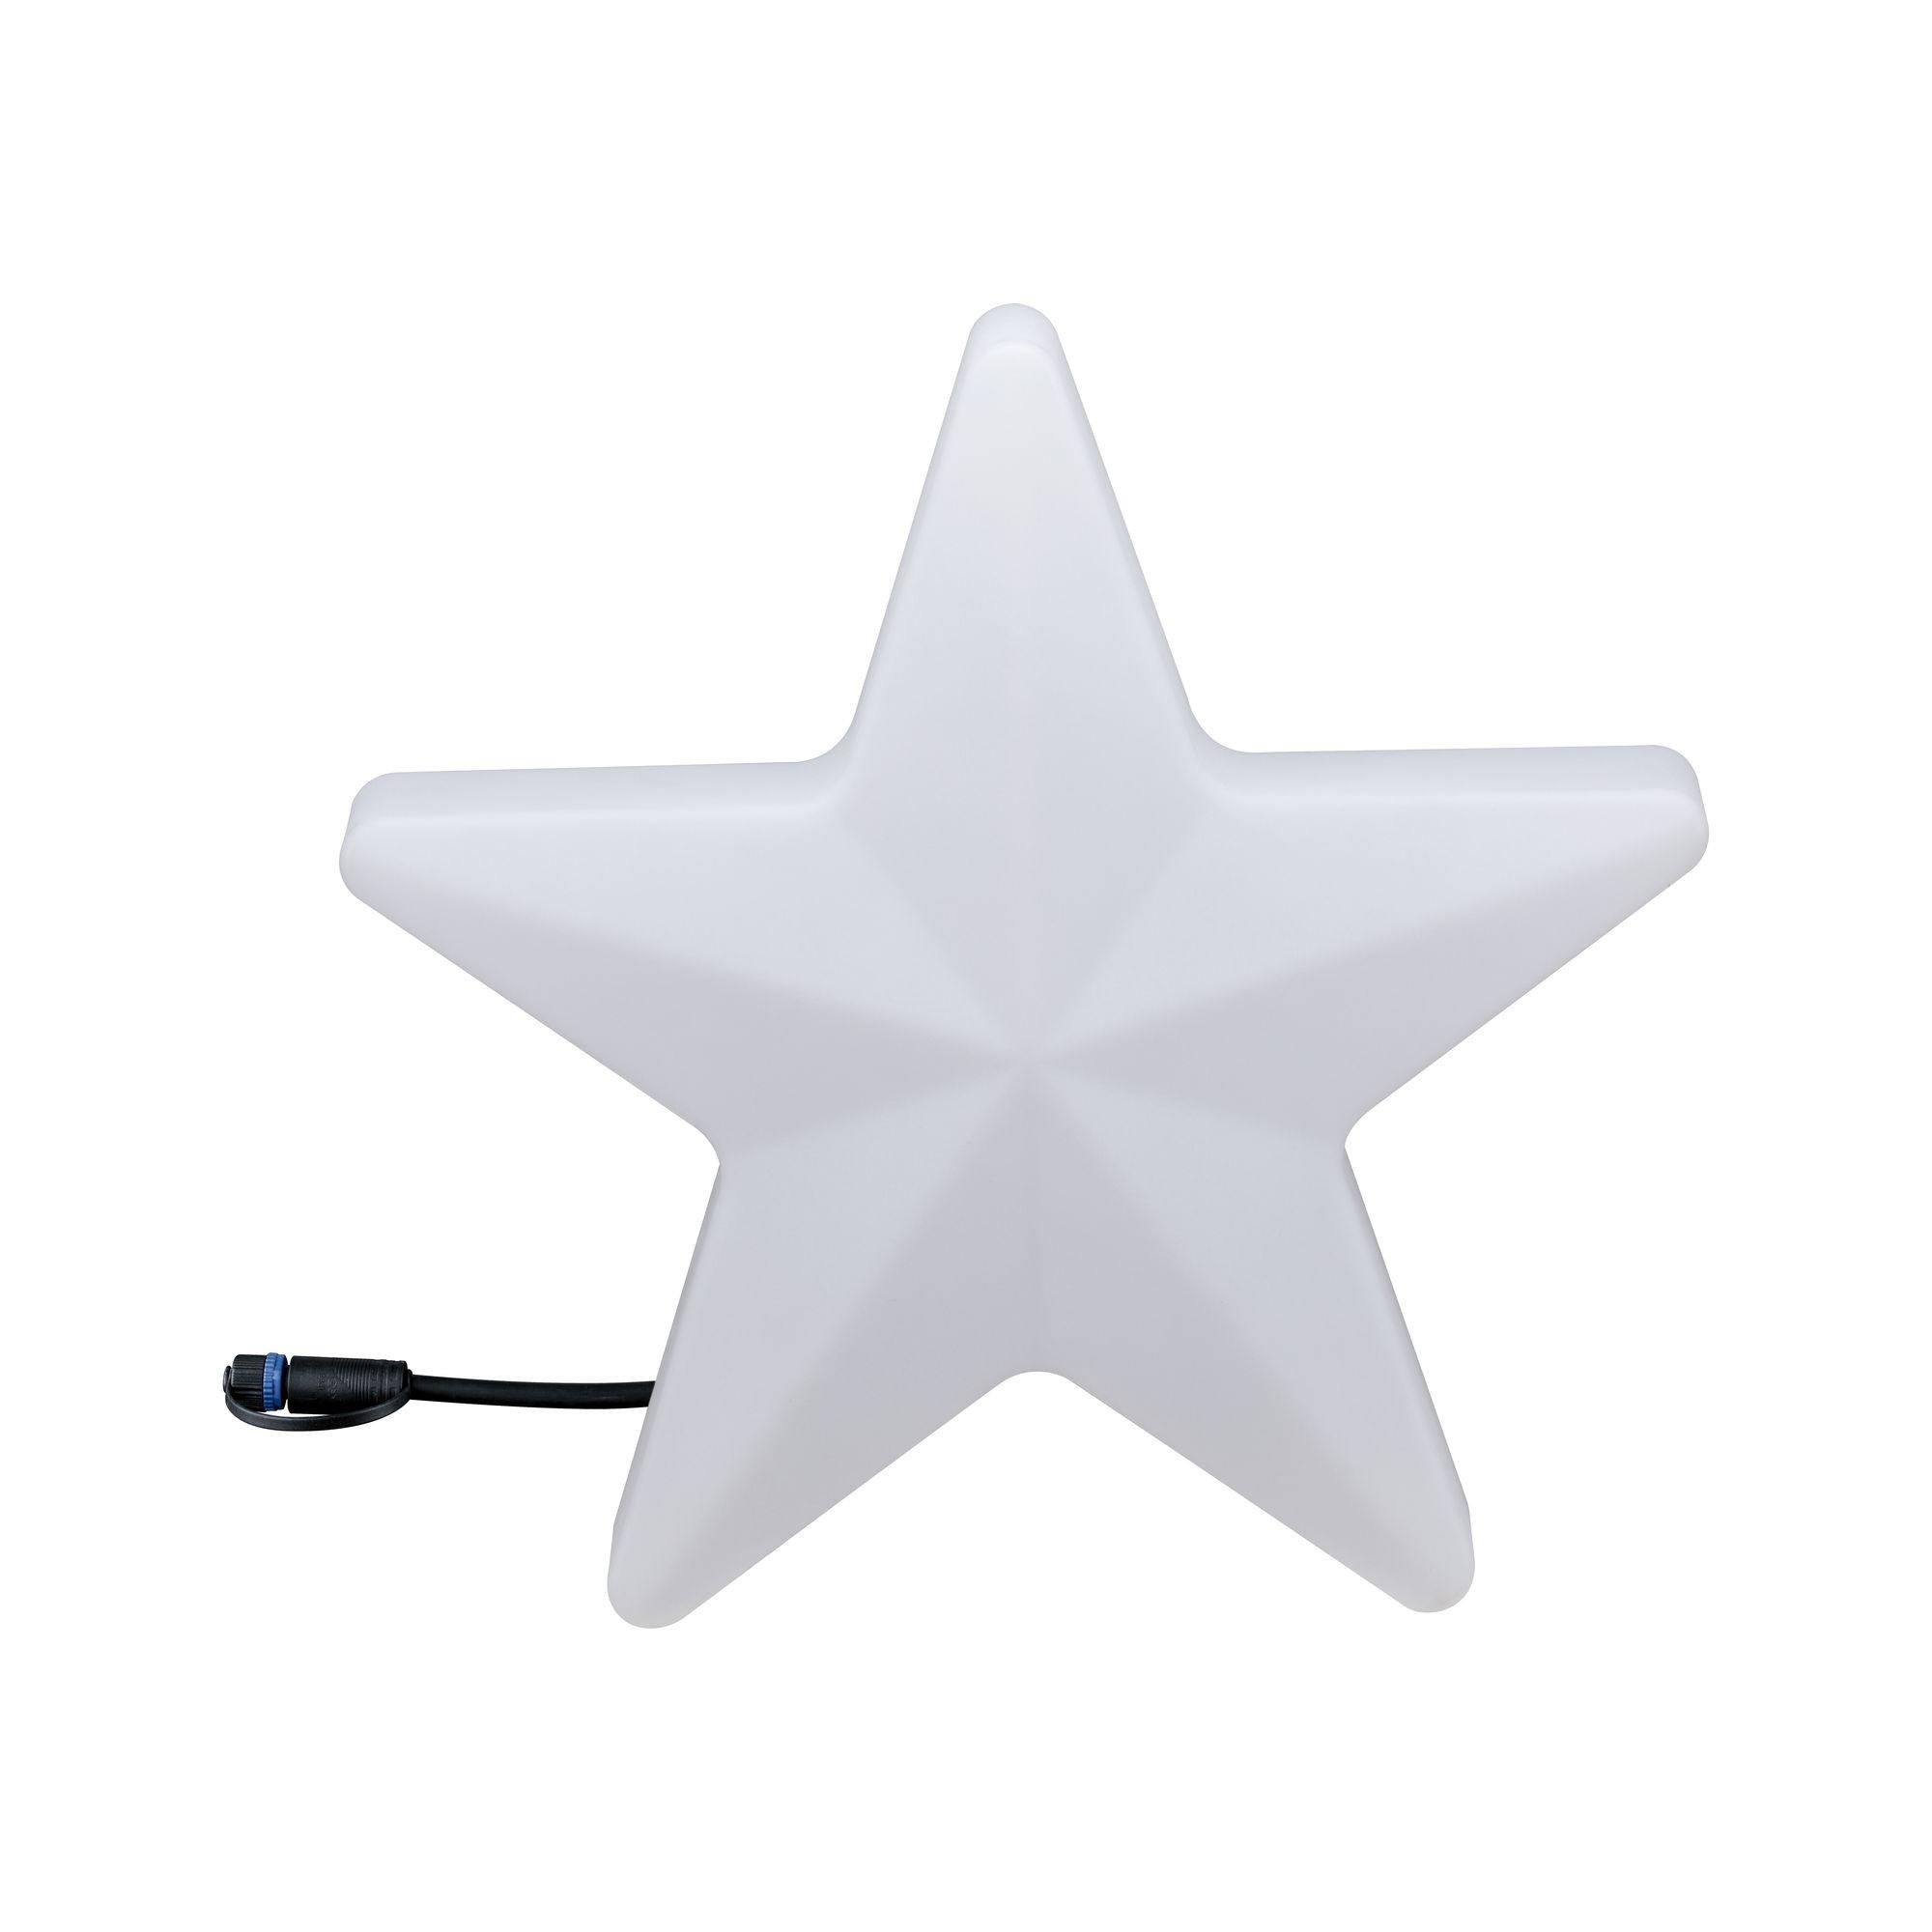 žvaigždžių prekybos sistemų kaina